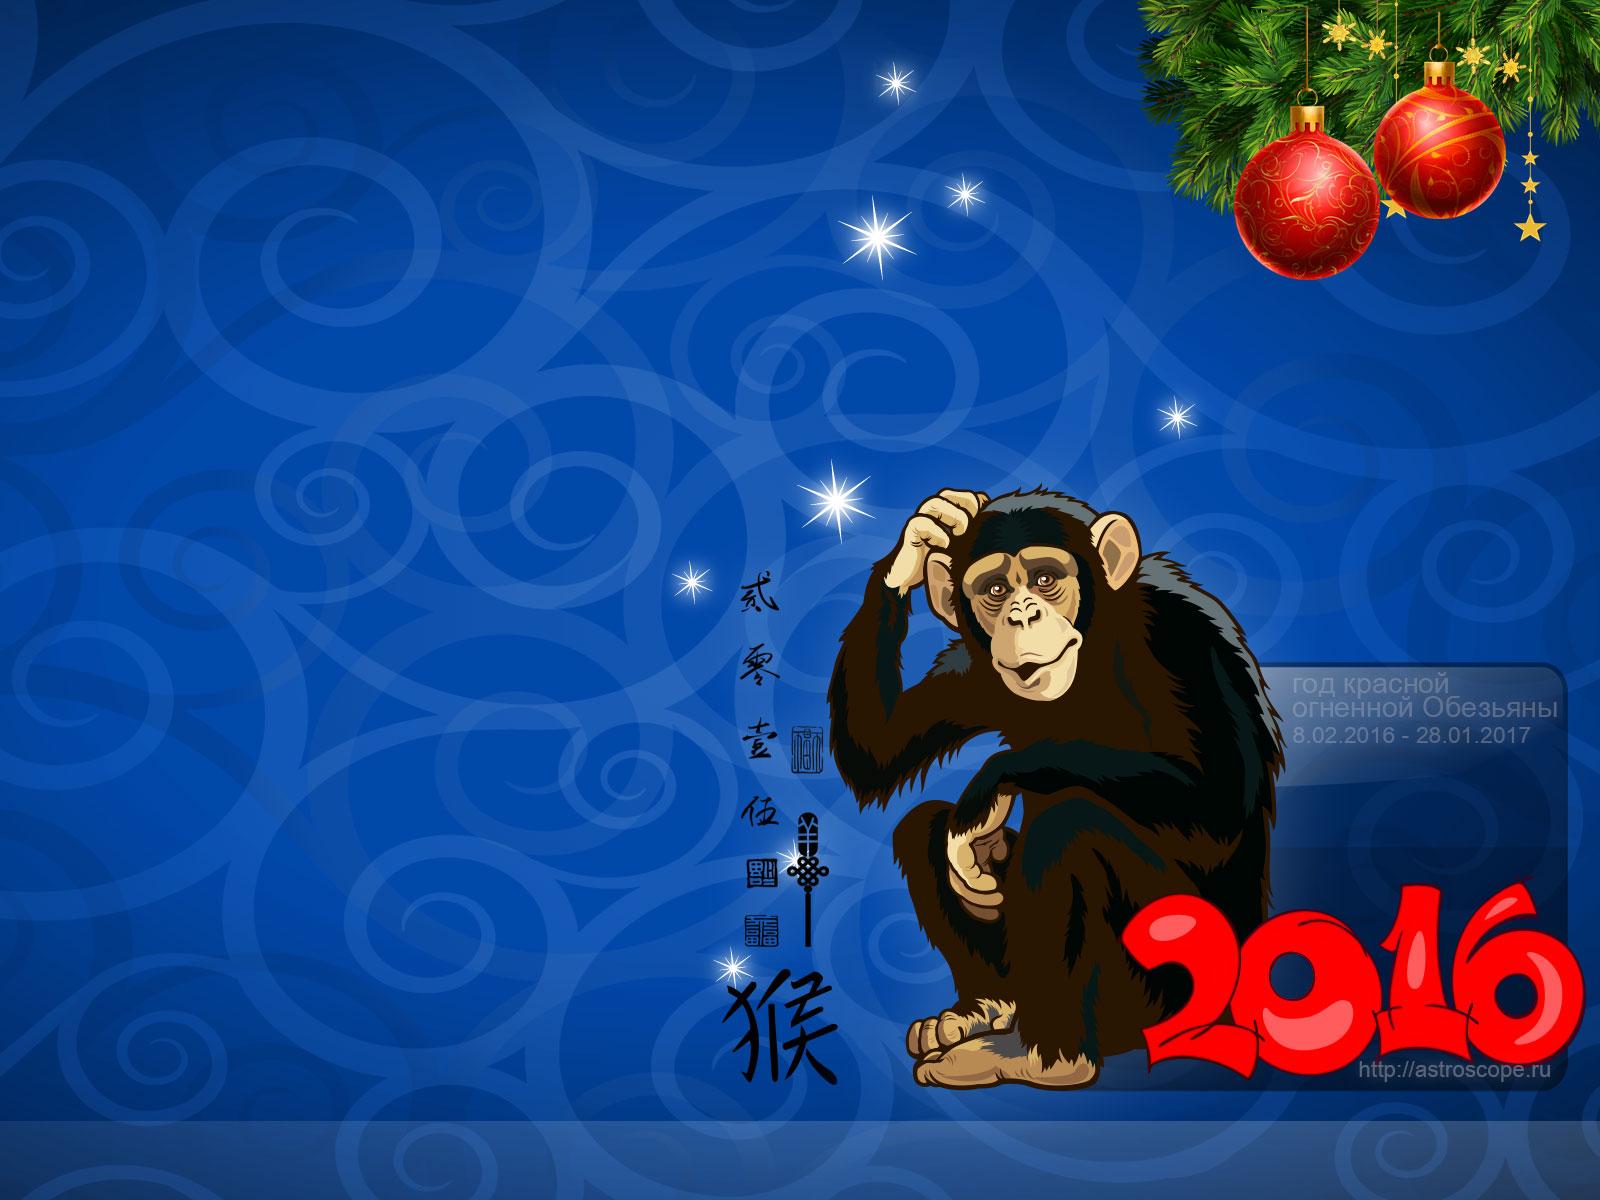 Новый год 2016 картинки